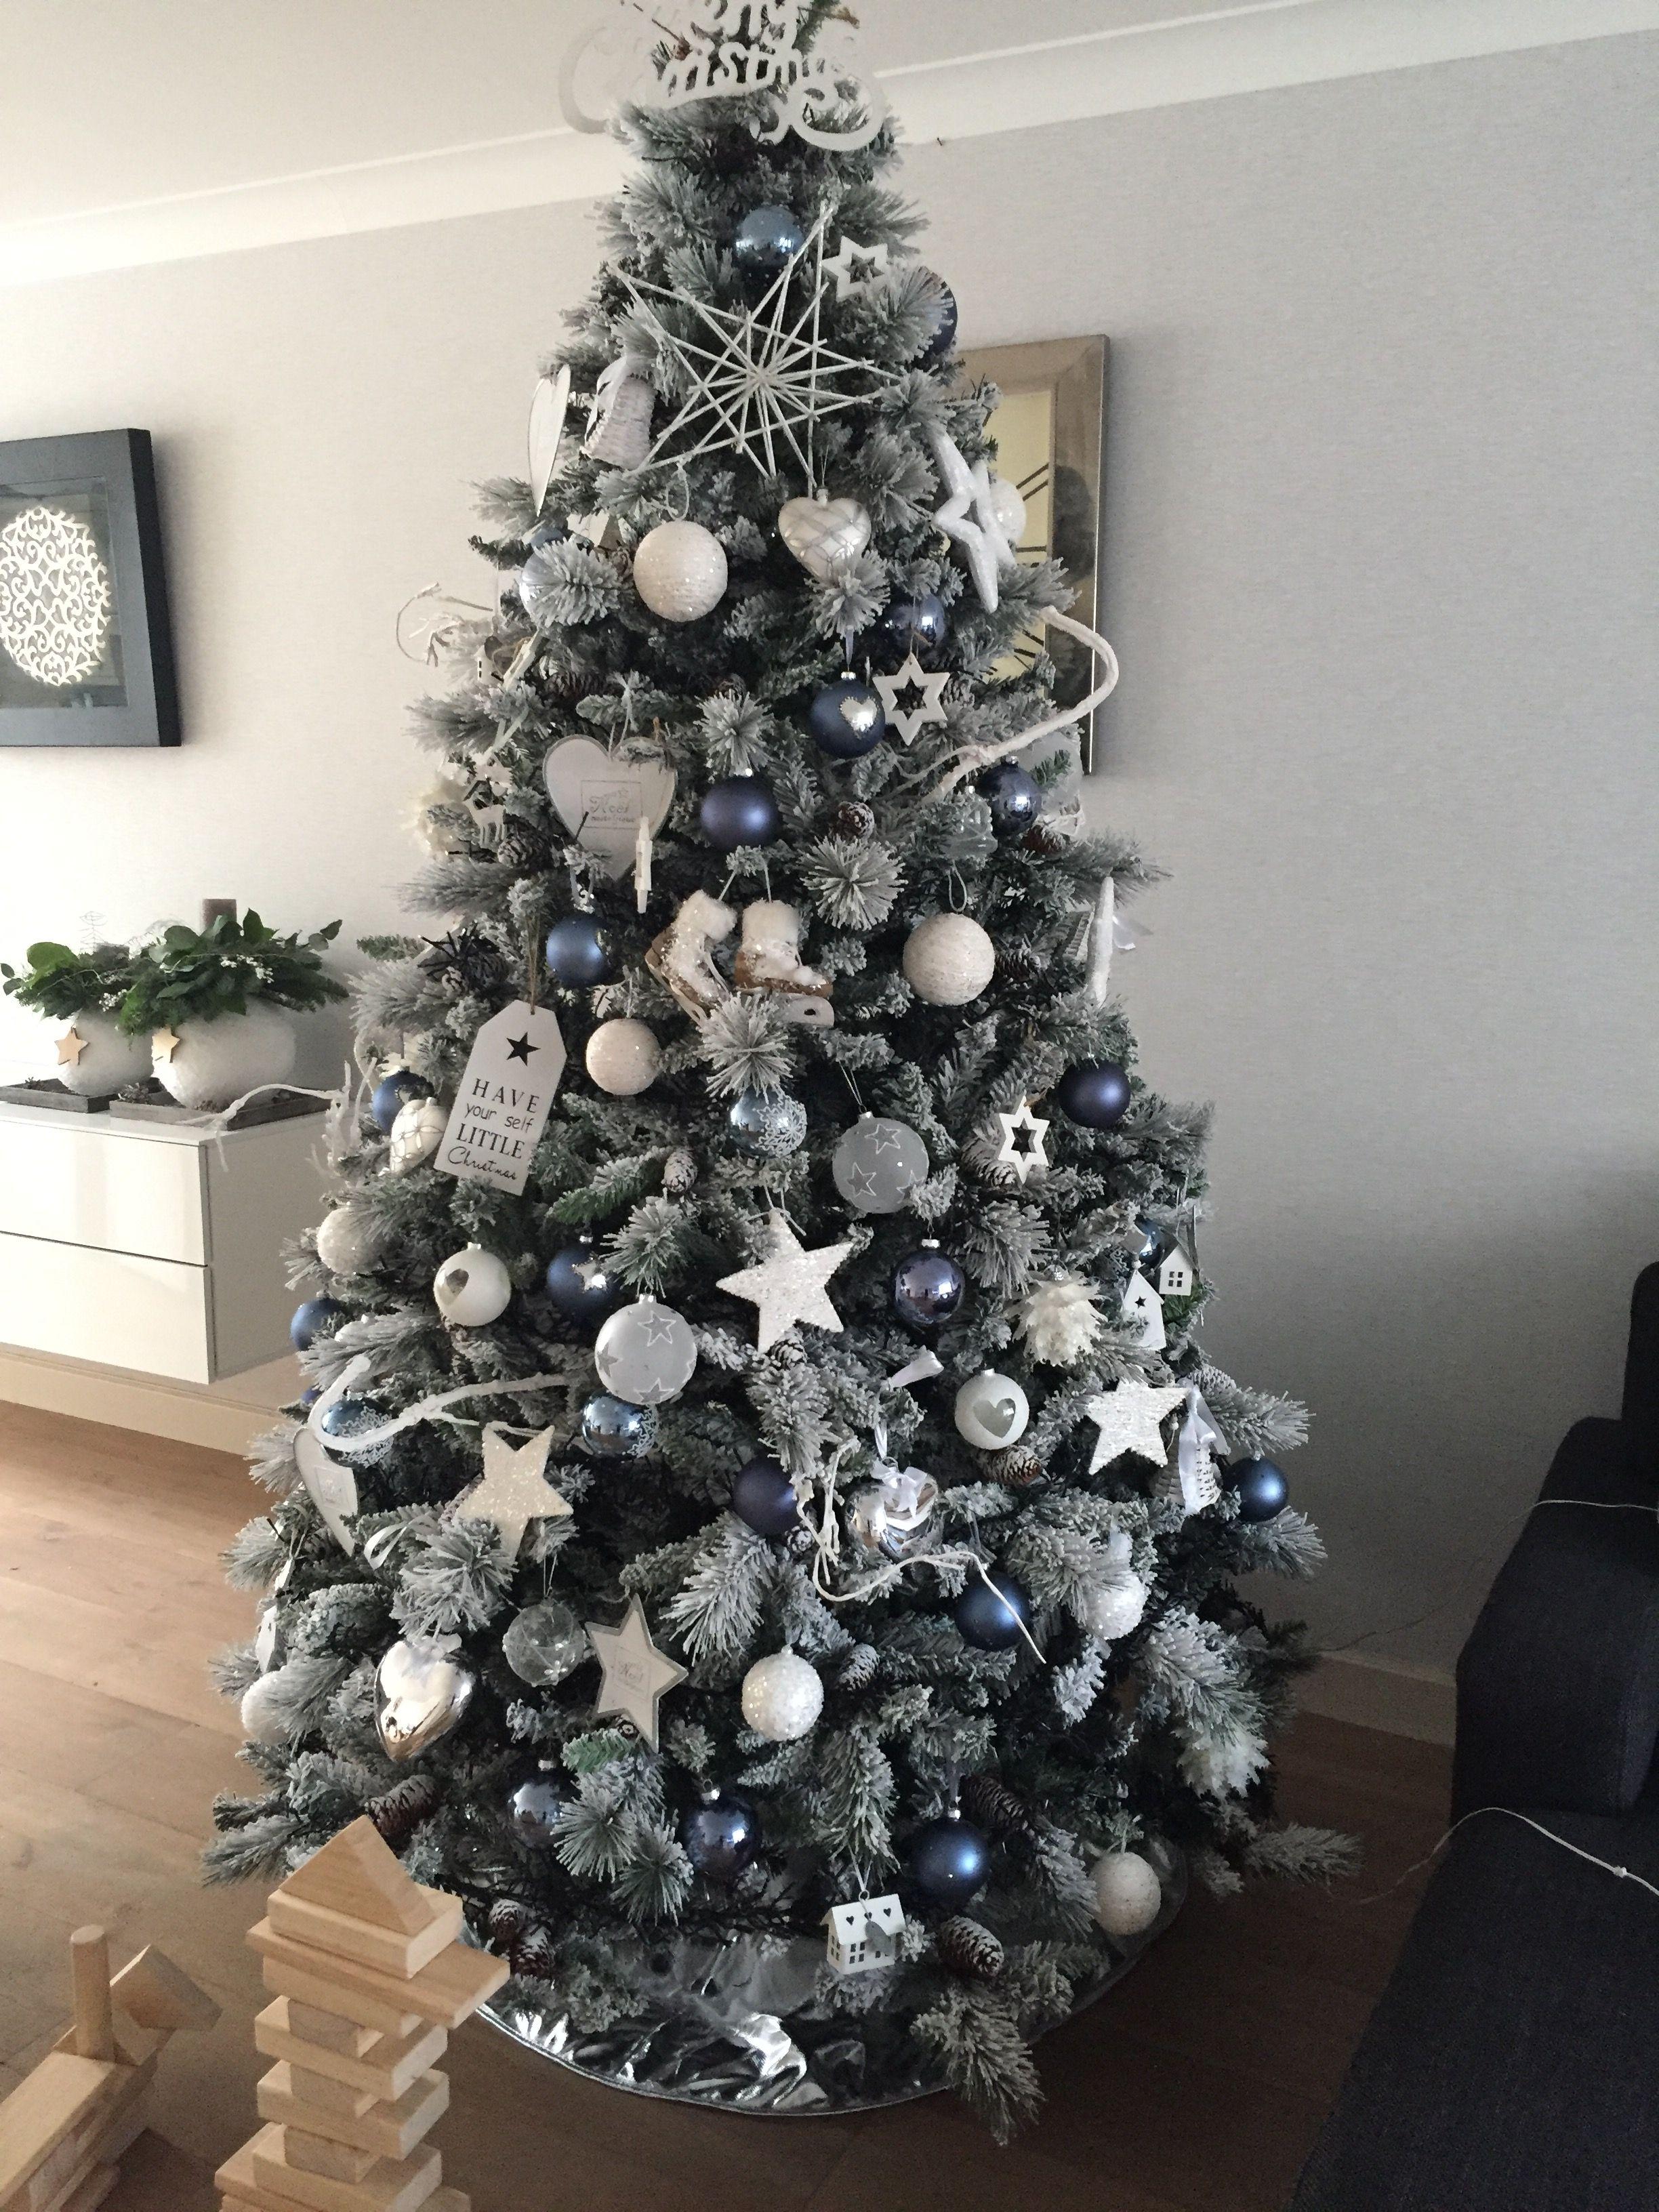 Kerstboom #kerstboomversieringen2019